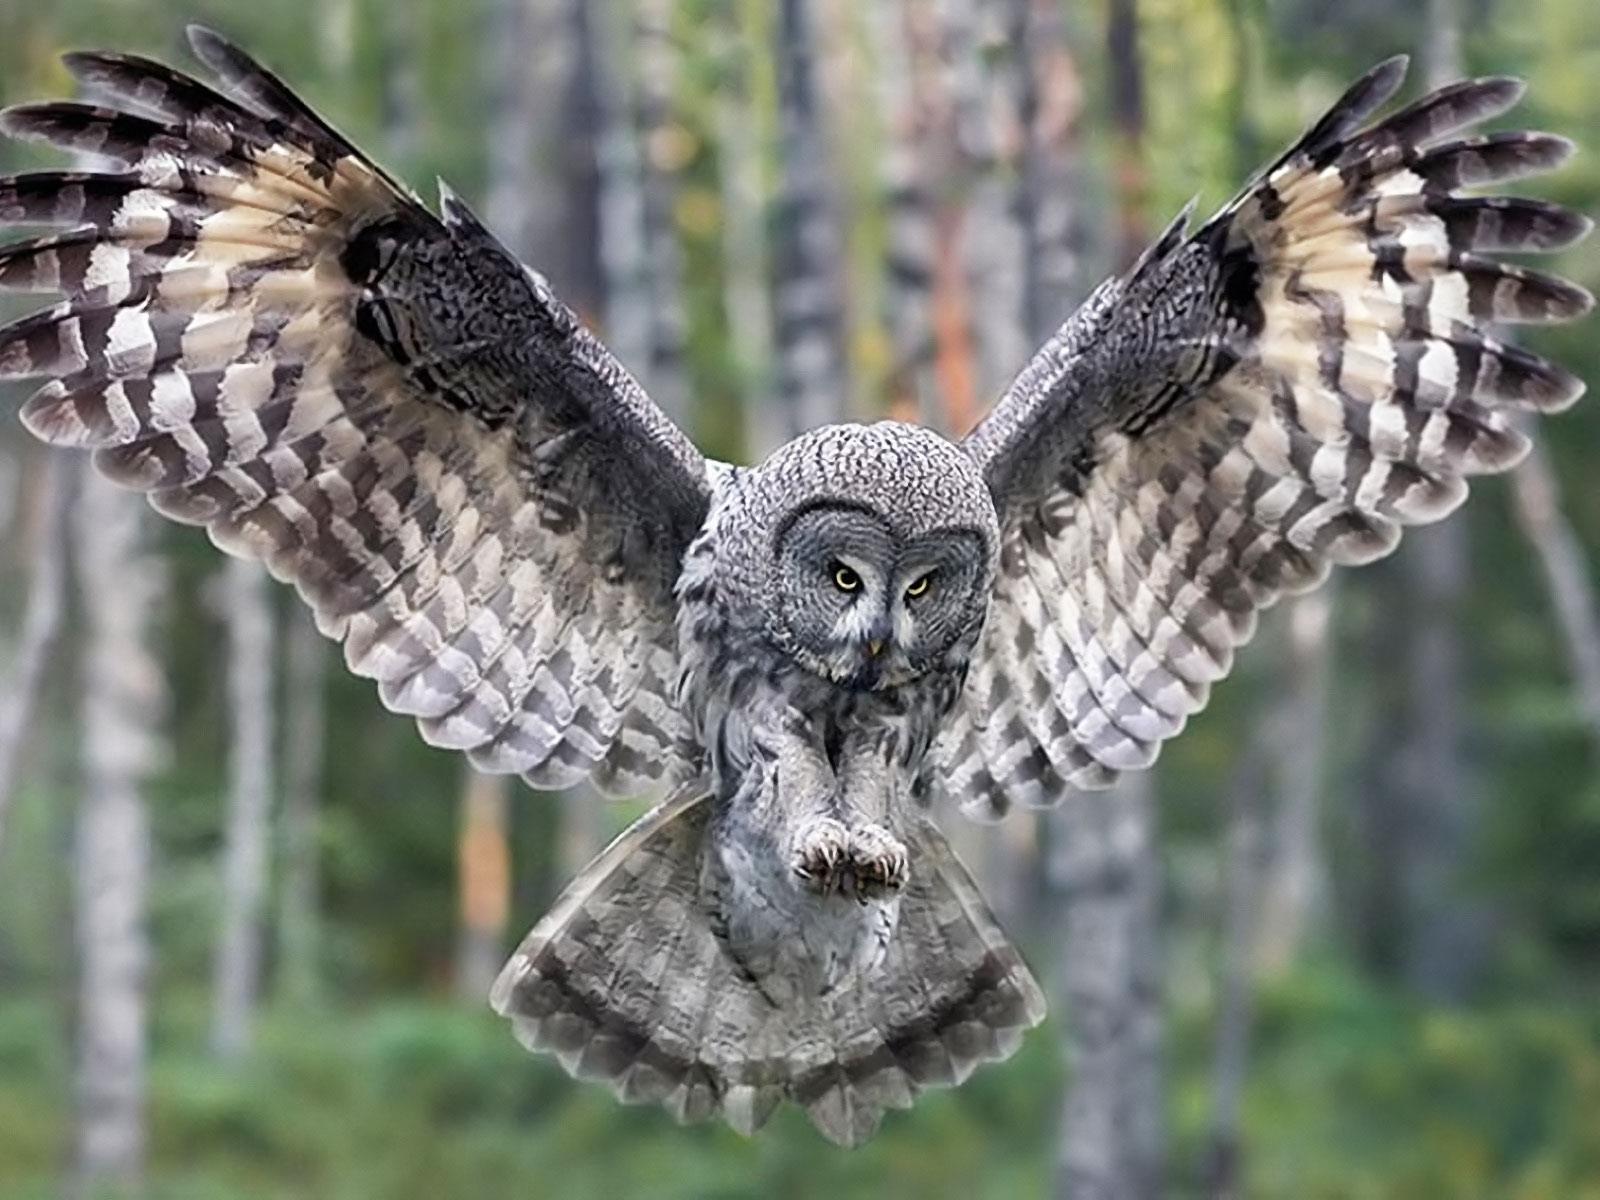 http://1.bp.blogspot.com/_NBgFr6Sz2F0/TF7aUHq0ZdI/AAAAAAAAAvM/uL0ofITZelA/s1600/Owl_-_Forest_Birds_Wallpaper.jpg